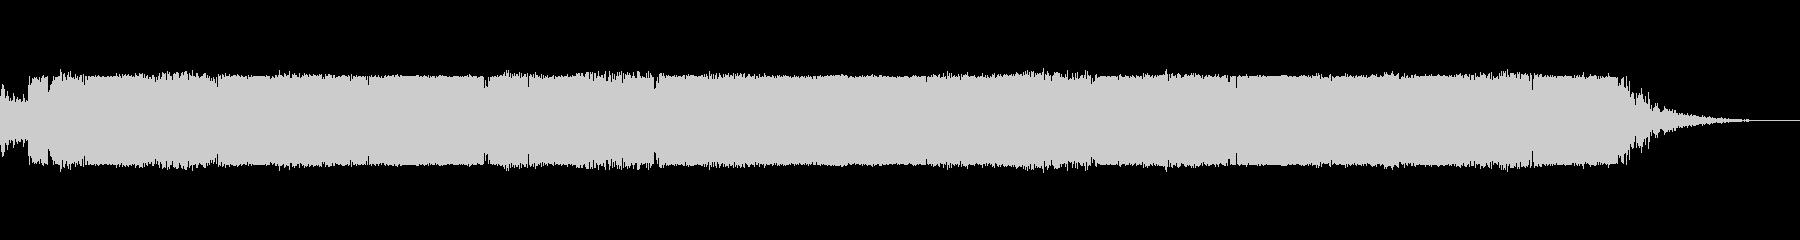 狭帯域無線チューニングの未再生の波形